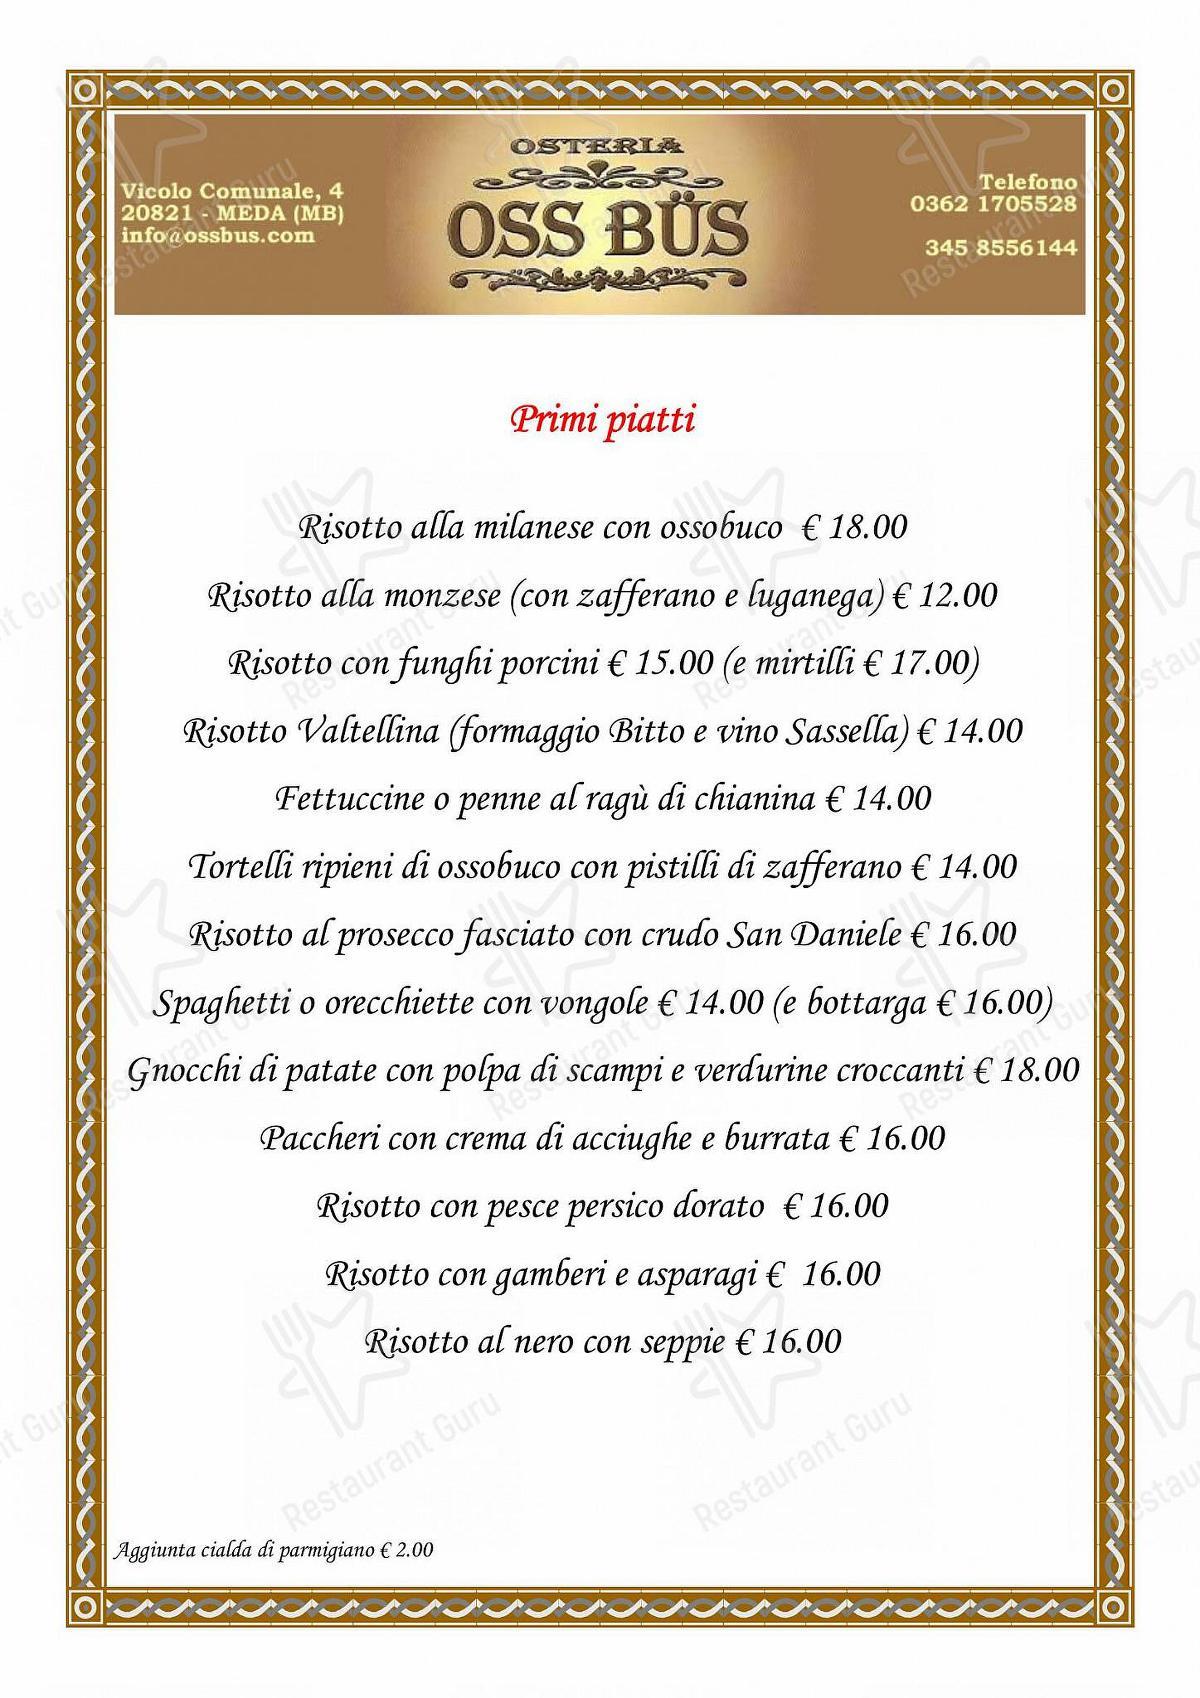 Guarda il menu di Osteria Oss Bus